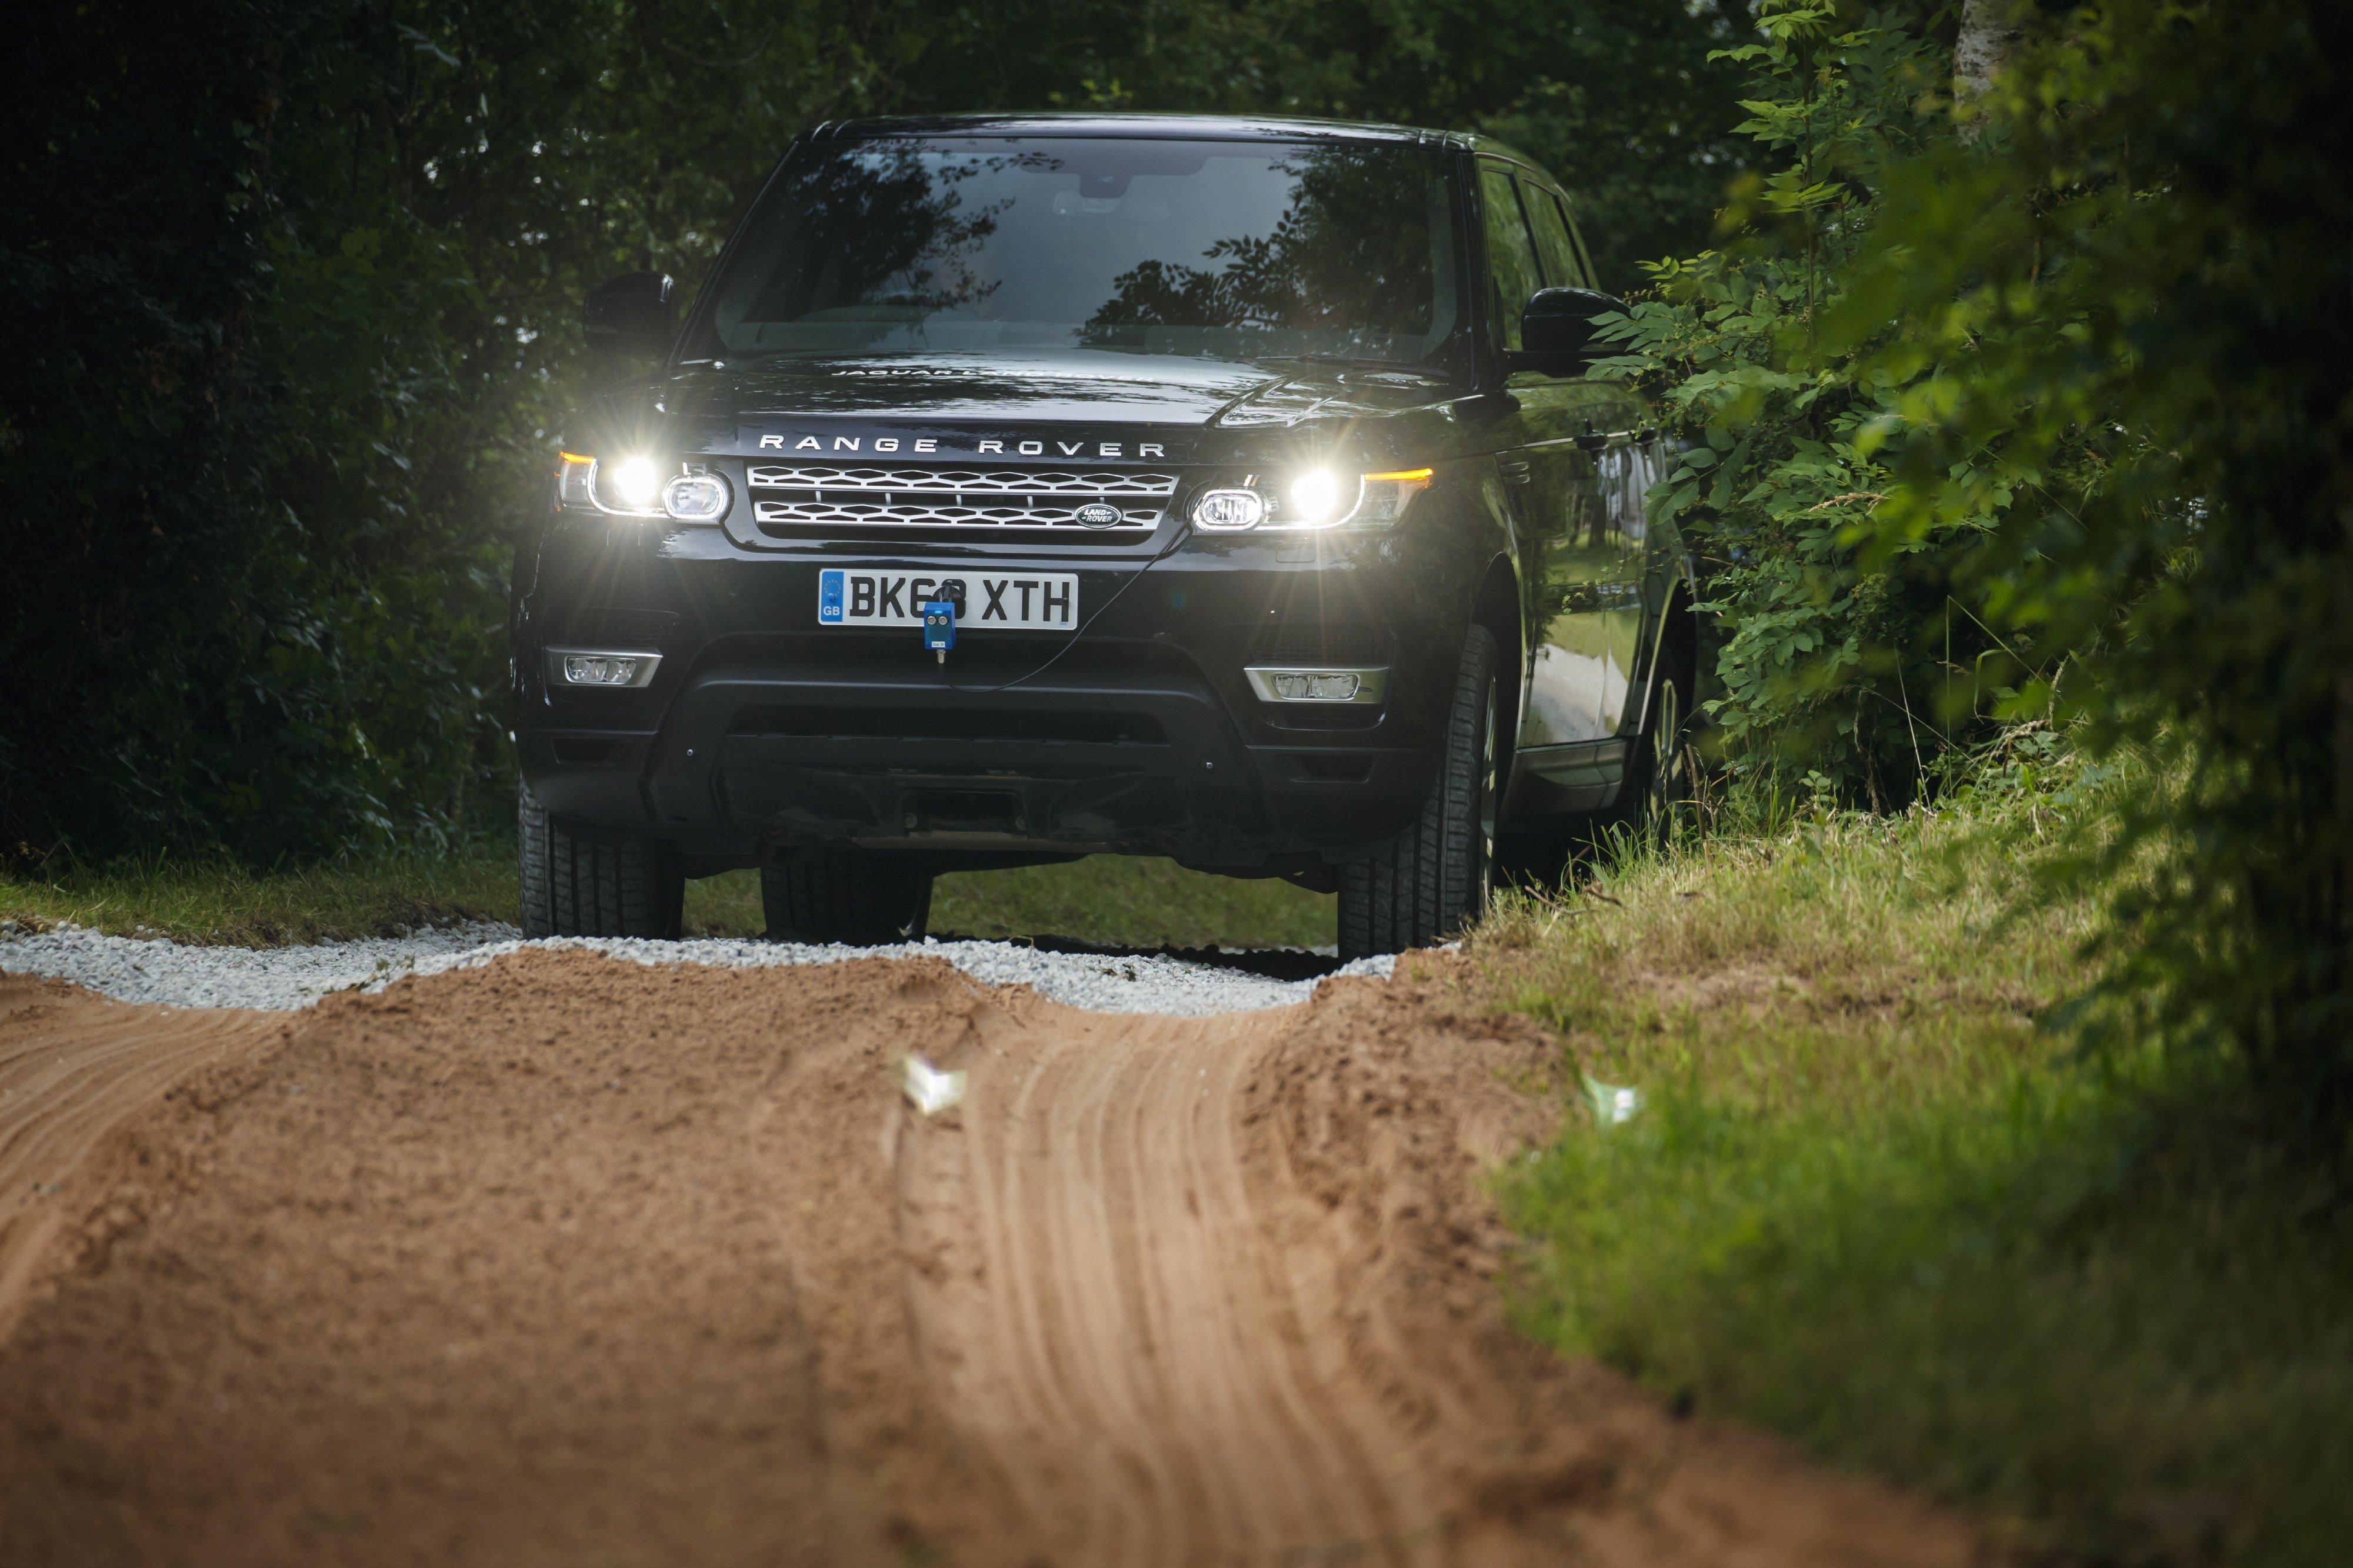 Die Oberflächenerkennung weiß rechtzeitig, ob Schotter, Schnee, Gras, oder Sand zu durchfahren sind und stellt das Fahrzeug darauf ein.